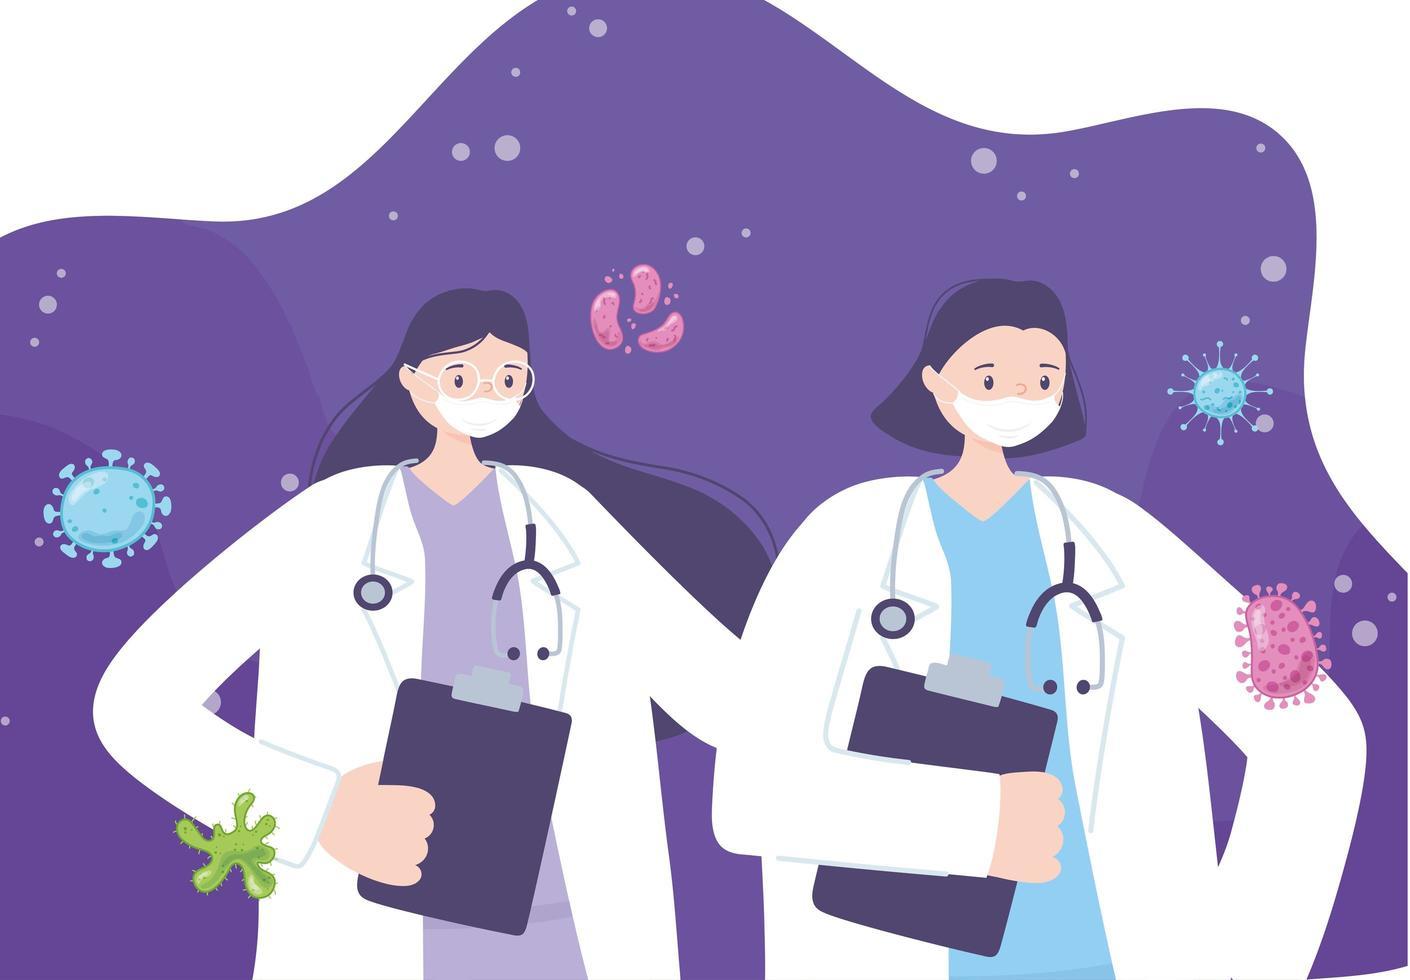 médicos com máscaras faciais durante surto de coronavírus vetor